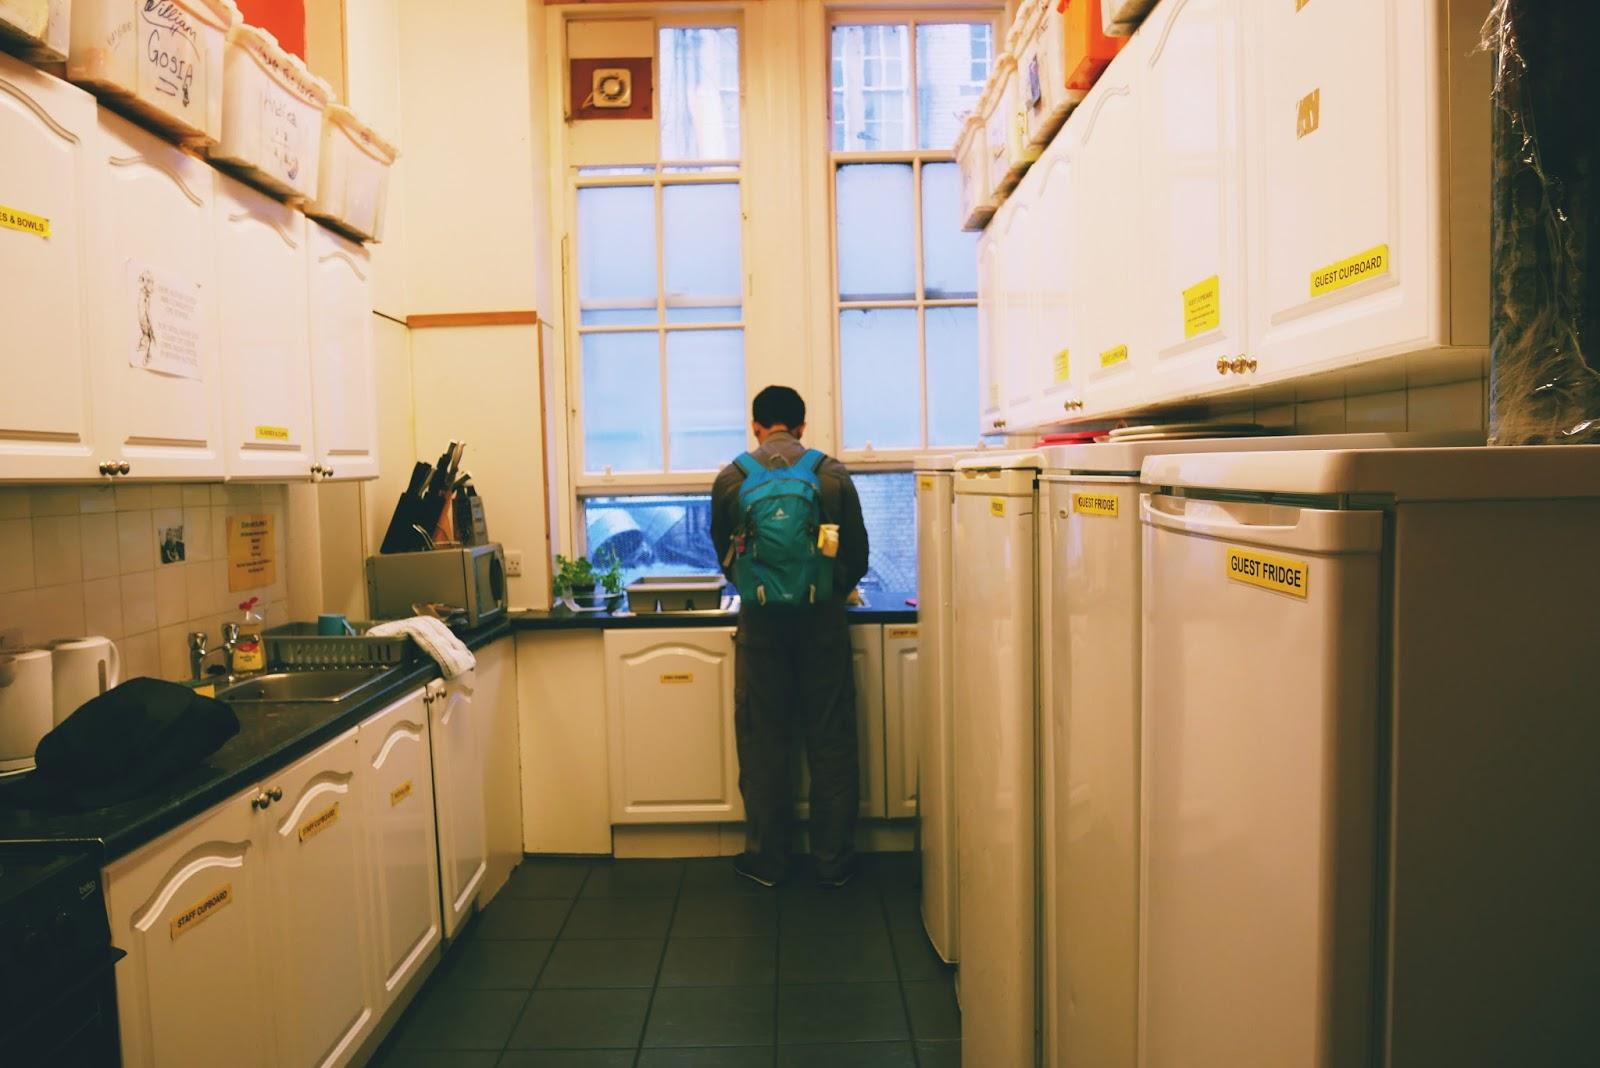 Cuci Piring di Dormitory Hostel